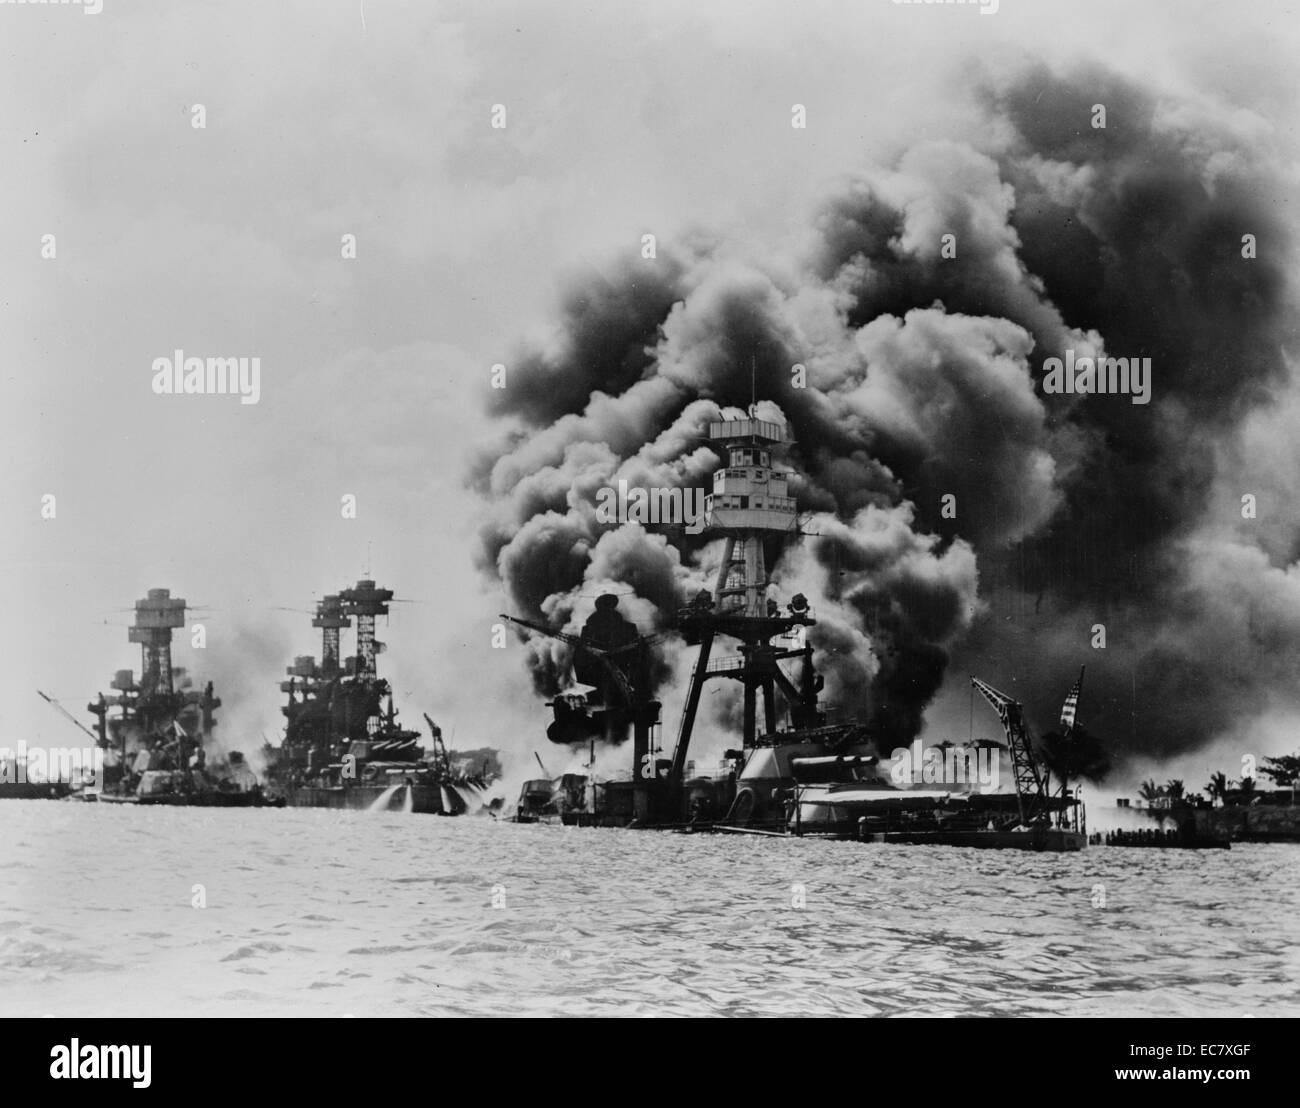 L'attacco giapponese a Pearl Harbor; nella II Guerra Mondiale 1941 Foto Stock